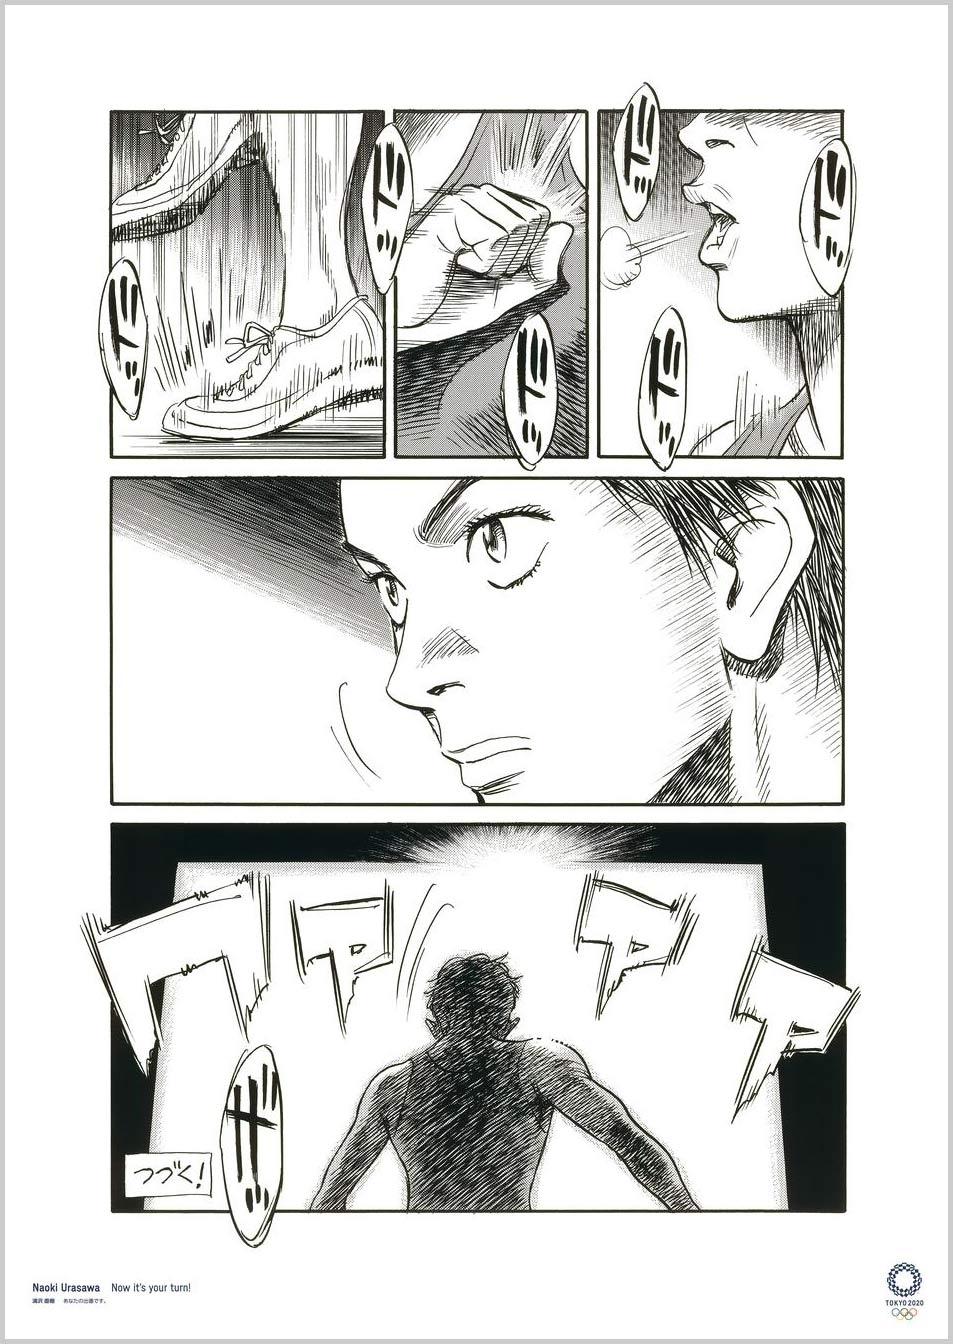 Naoki Urasawa (Artista de Manga) Cartazes oficiais para os Jogos Olímpicos e Paralímpicos Tóquio 2020